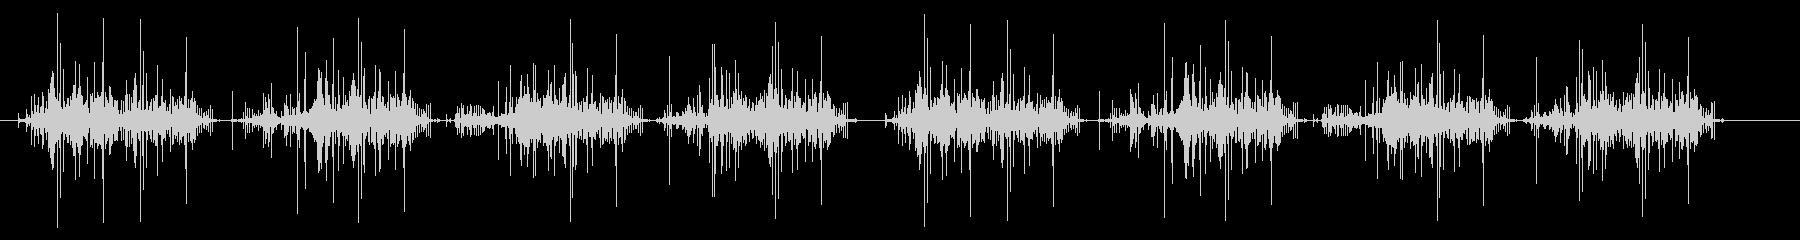 ずるずると這いずるような足音_ホラー系の未再生の波形